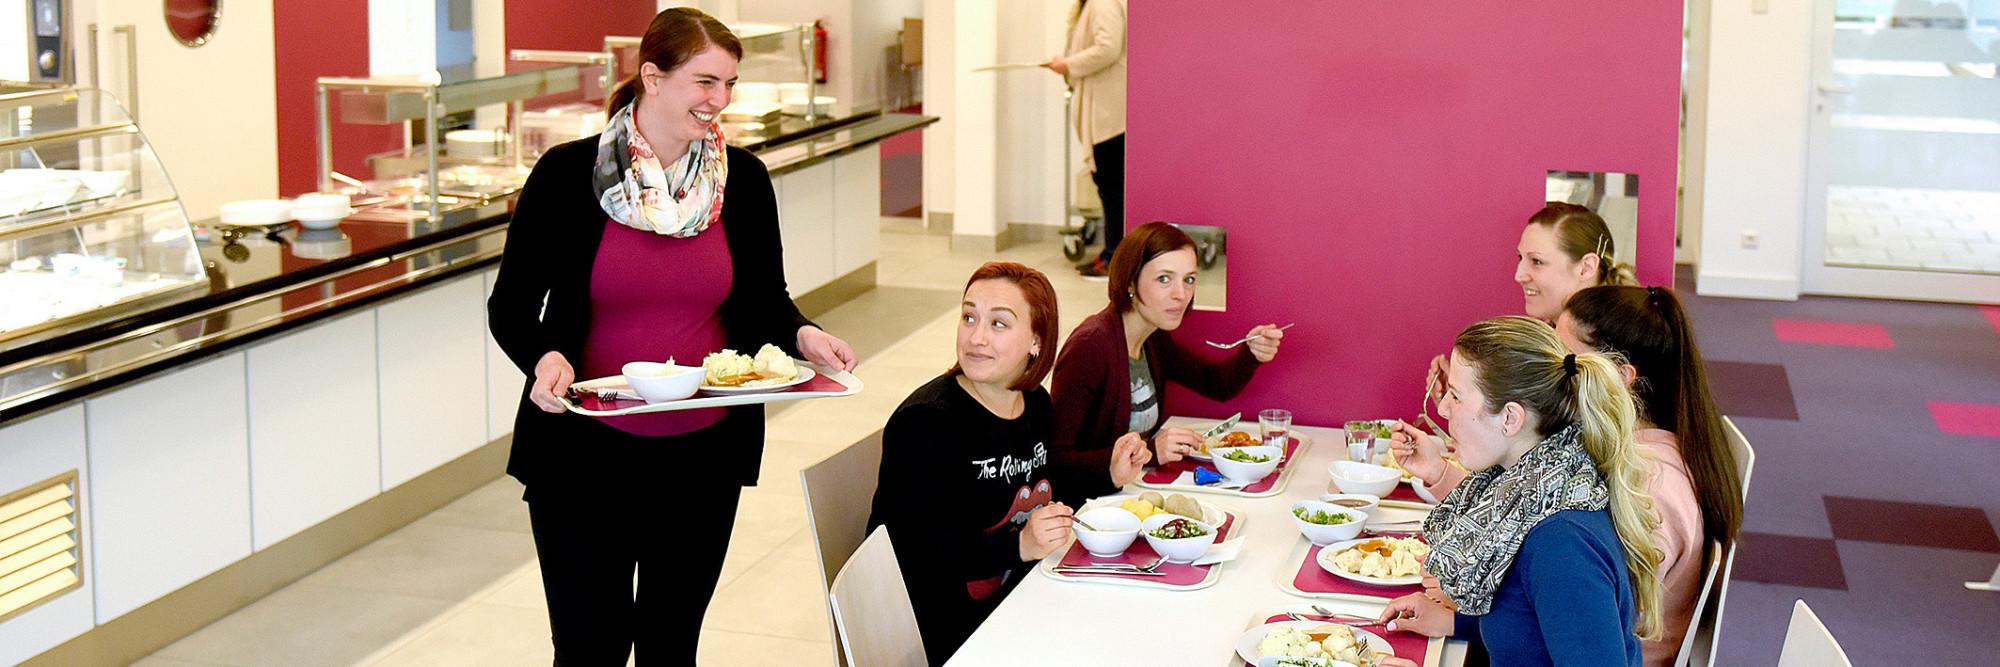 Sechs Mütter im Restaurant des Marianne van den Bosch Hauses. Sie genießen ihre Mittagspause.